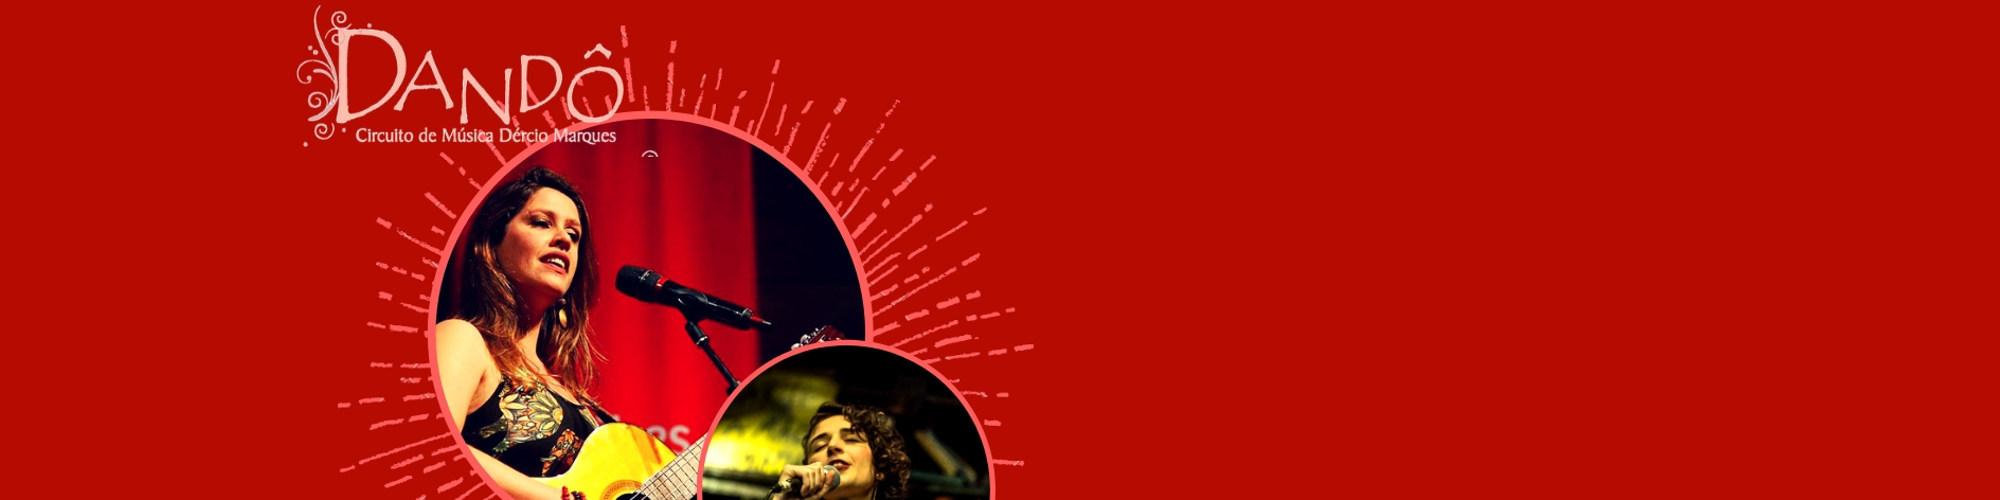 Manu Saggioro se apresenta na última edição de 2018 do Dandô – Circuito de Música Dércio Marques